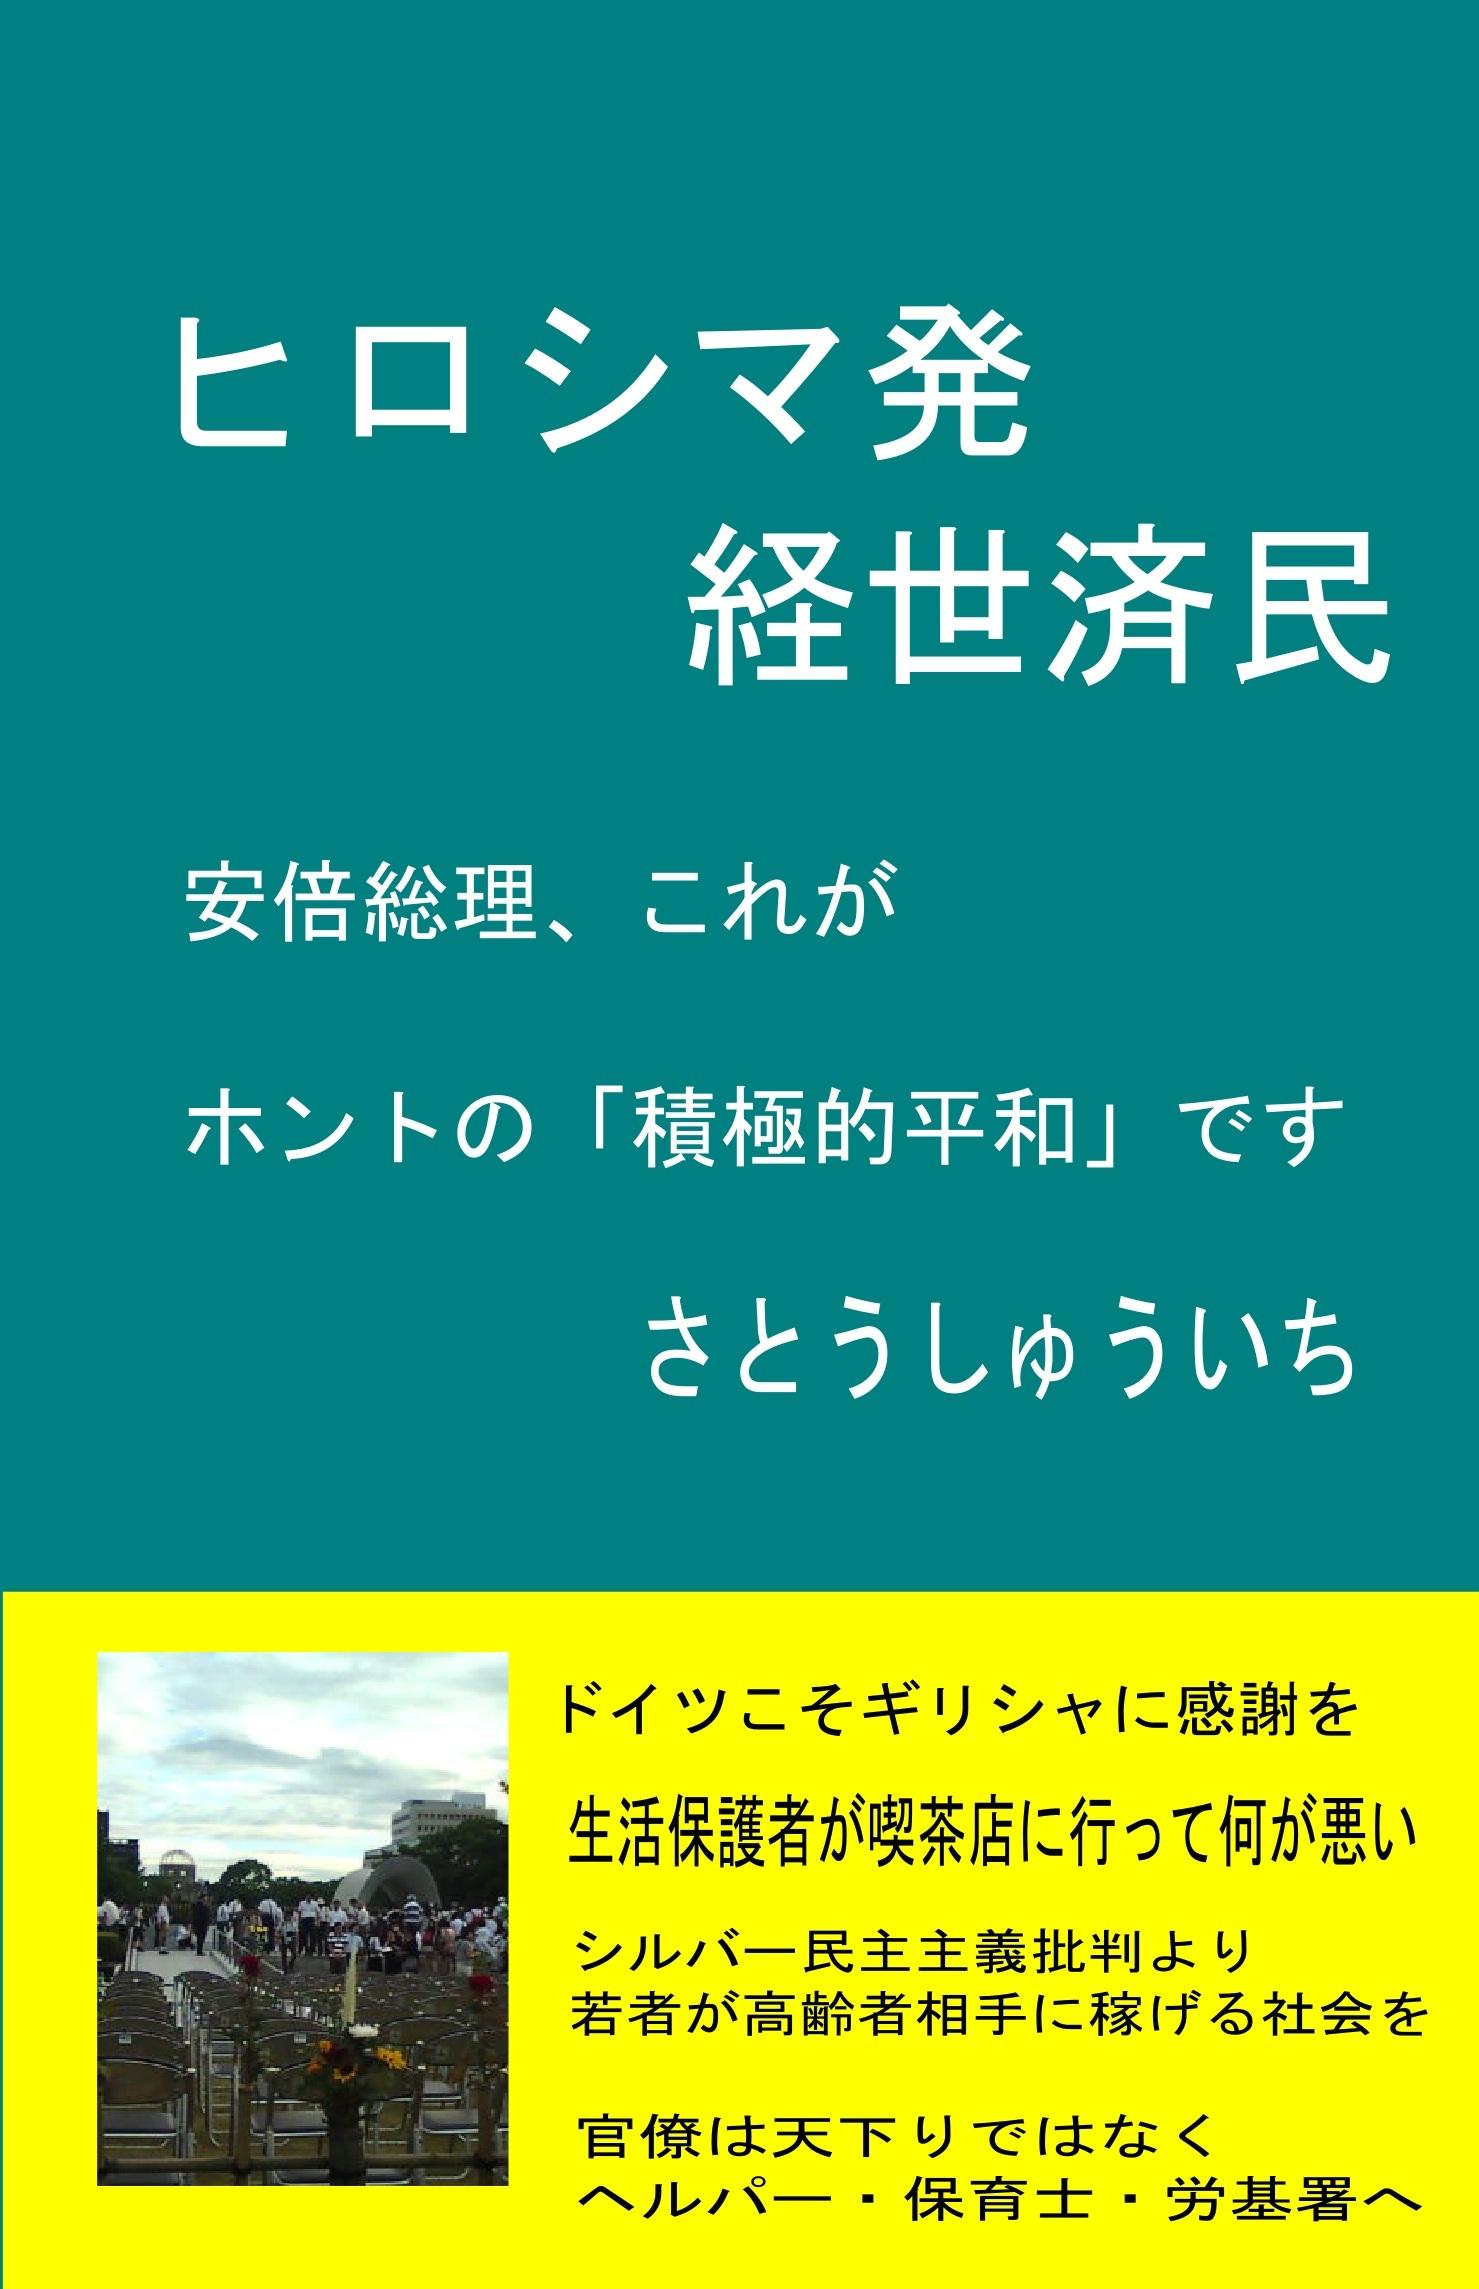 広島瀬戸内新聞社の出版物_e0094315_20350806.jpg